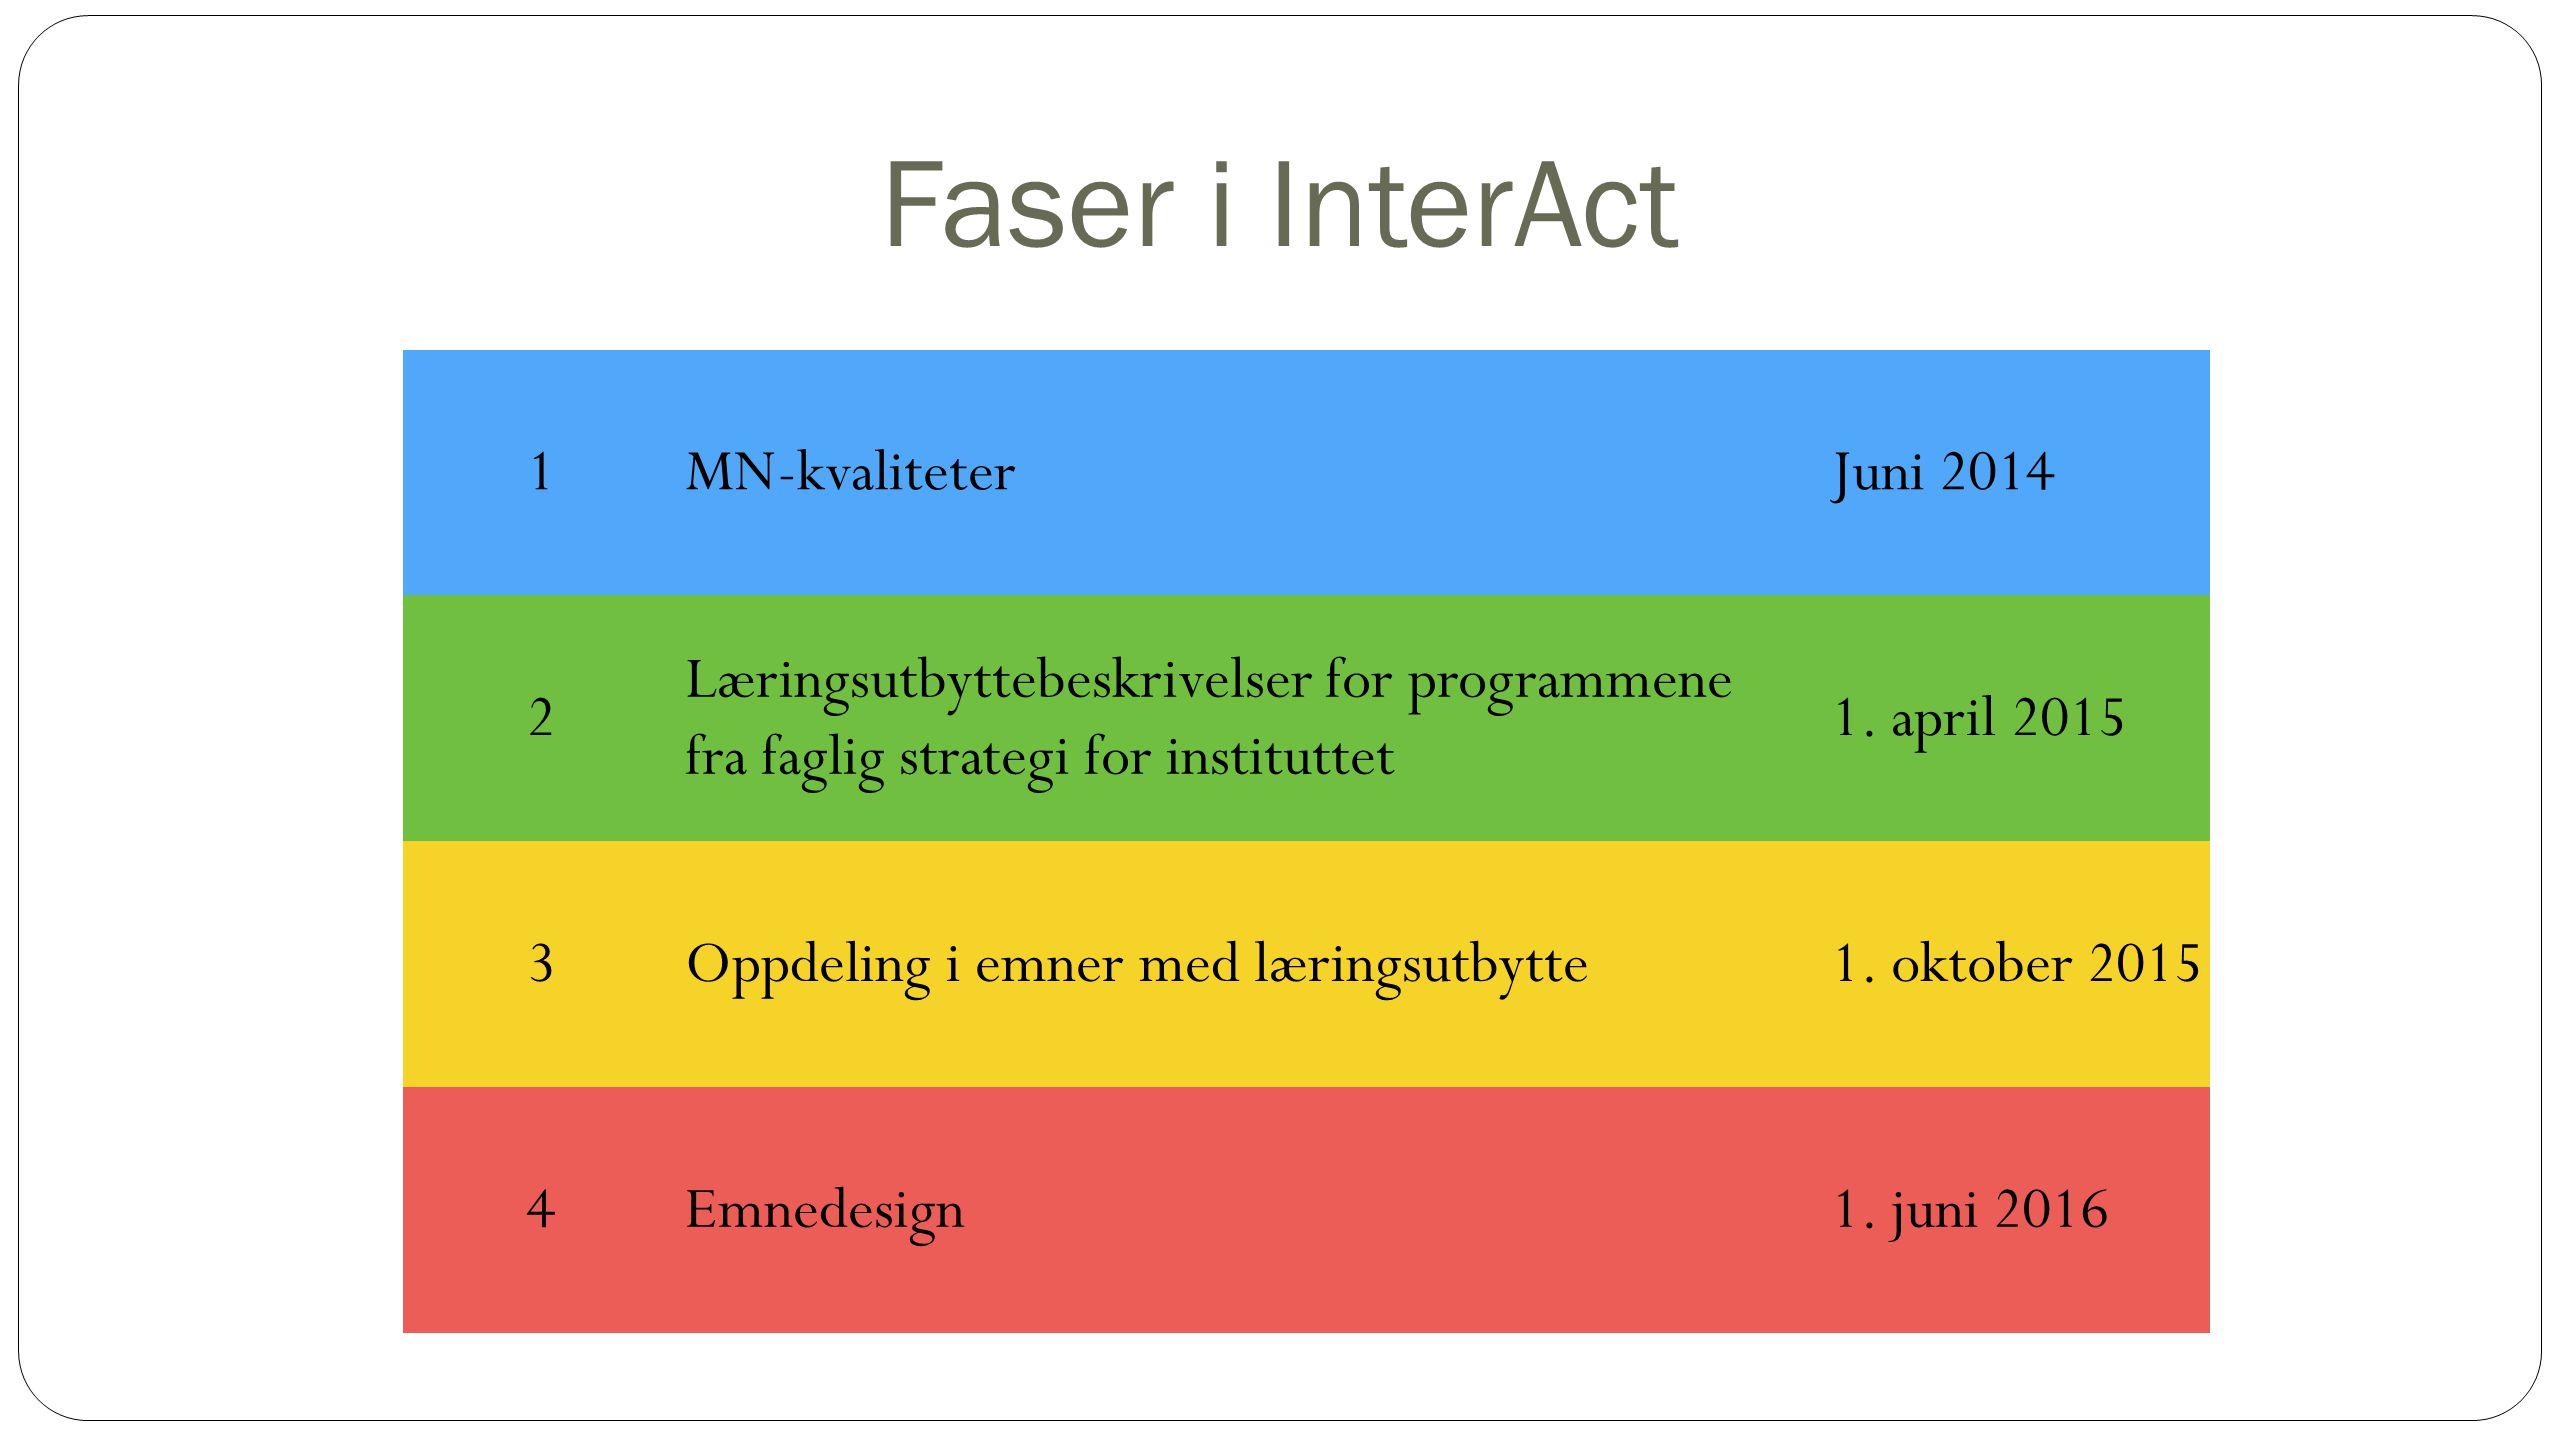 Faser i InterAct 1MN-kvaliteterJuni 2014 2 Læringsutbyttebeskrivelser for programmene fra faglig strategi for instituttet 1.